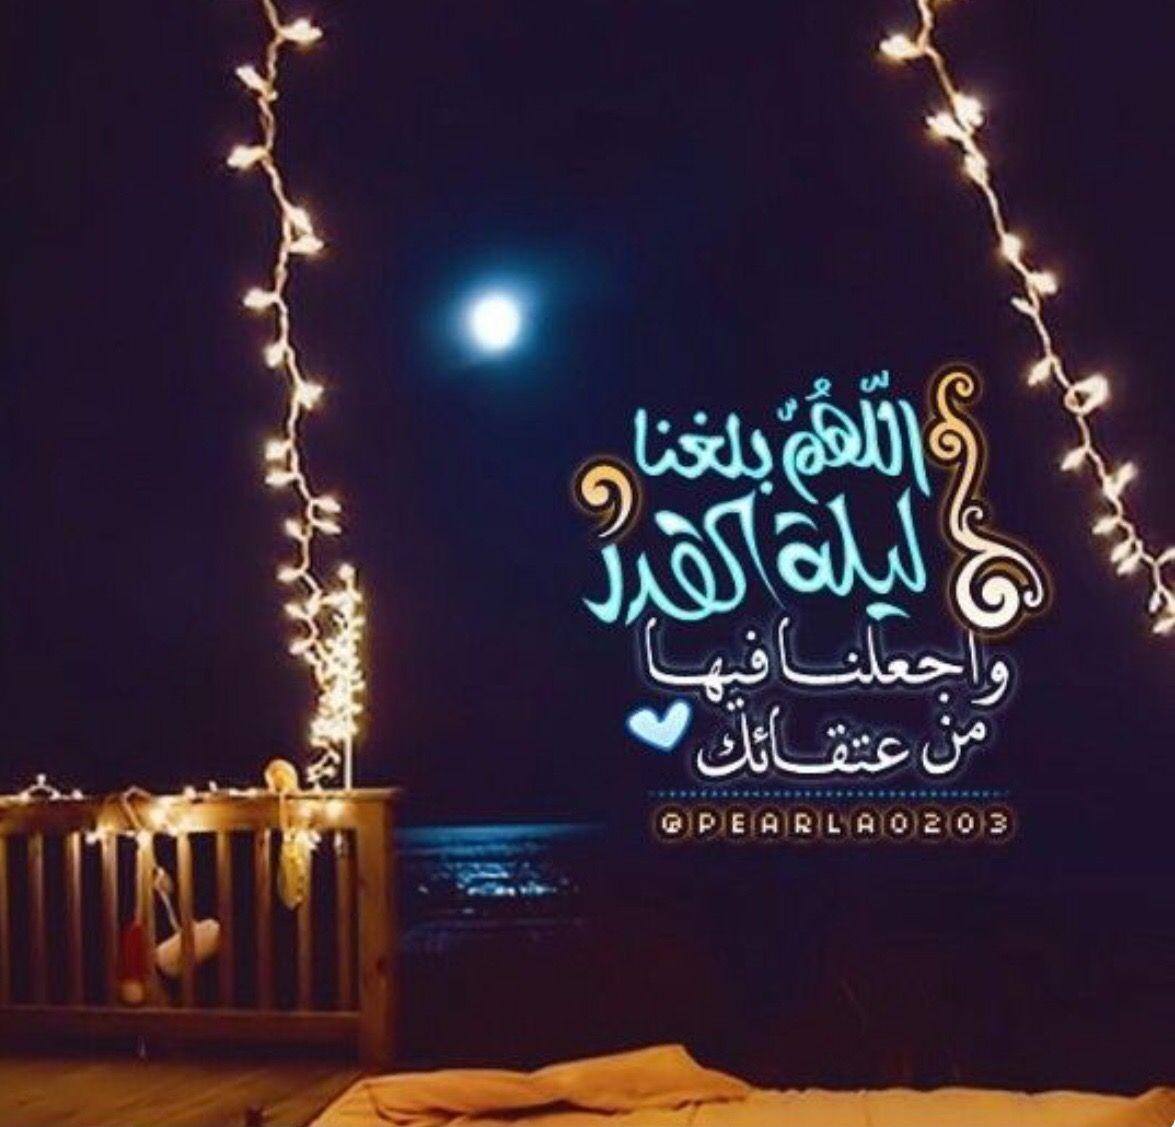 Pin By سيدة الالقاب On حكم Ramadan Wishes Muslim Ramadan Ramadan Lantern